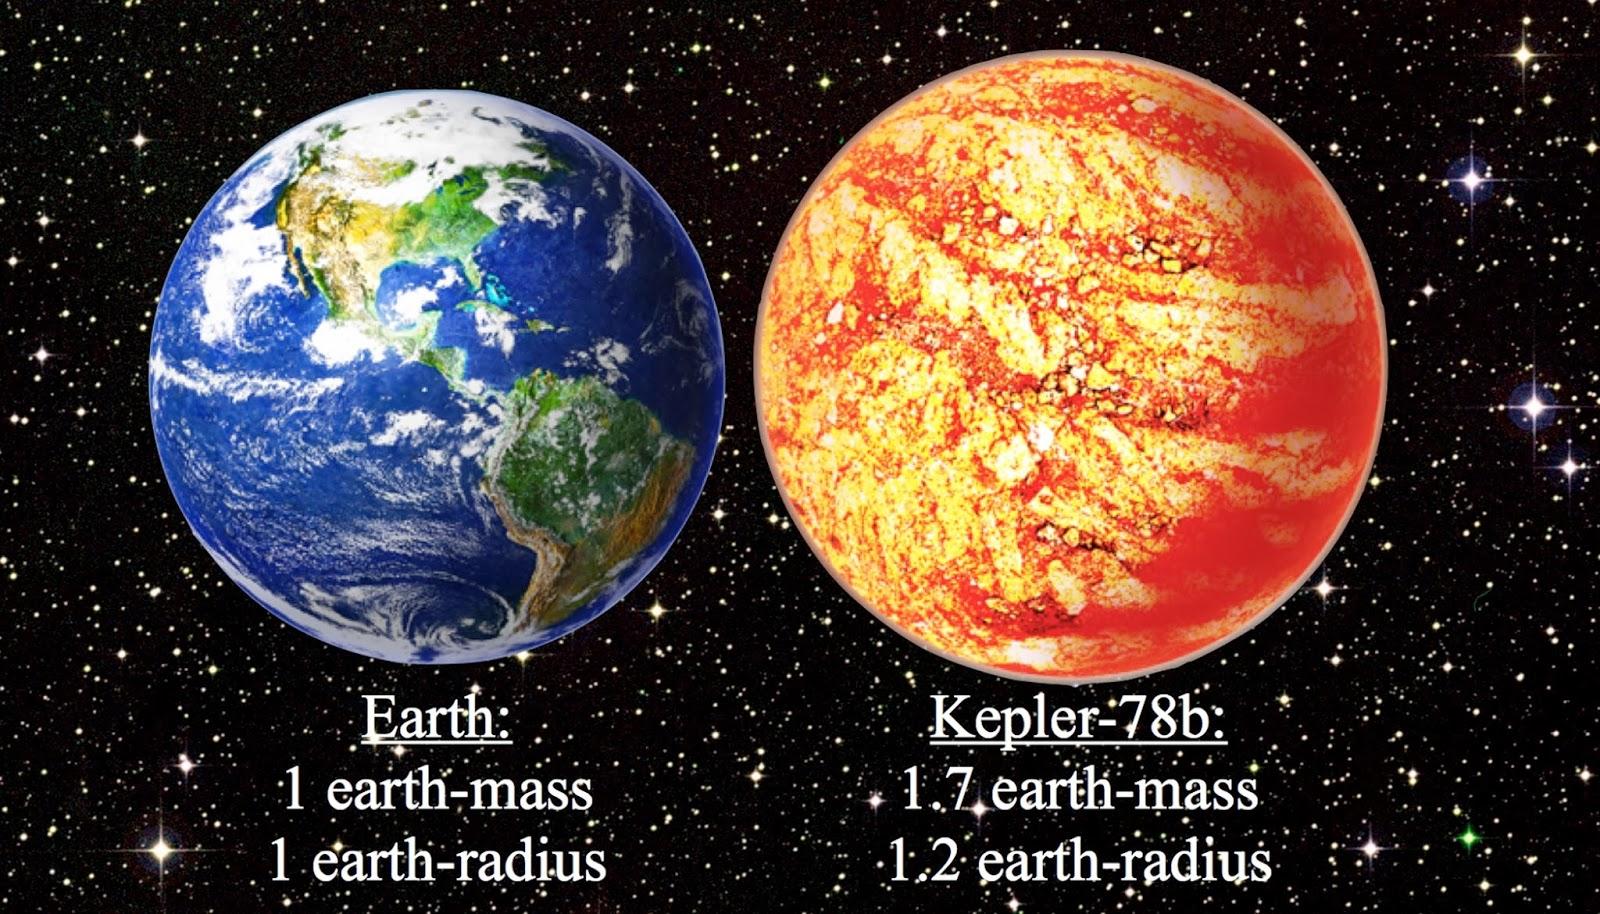 Semana -1348 - 1 Kepler-78b